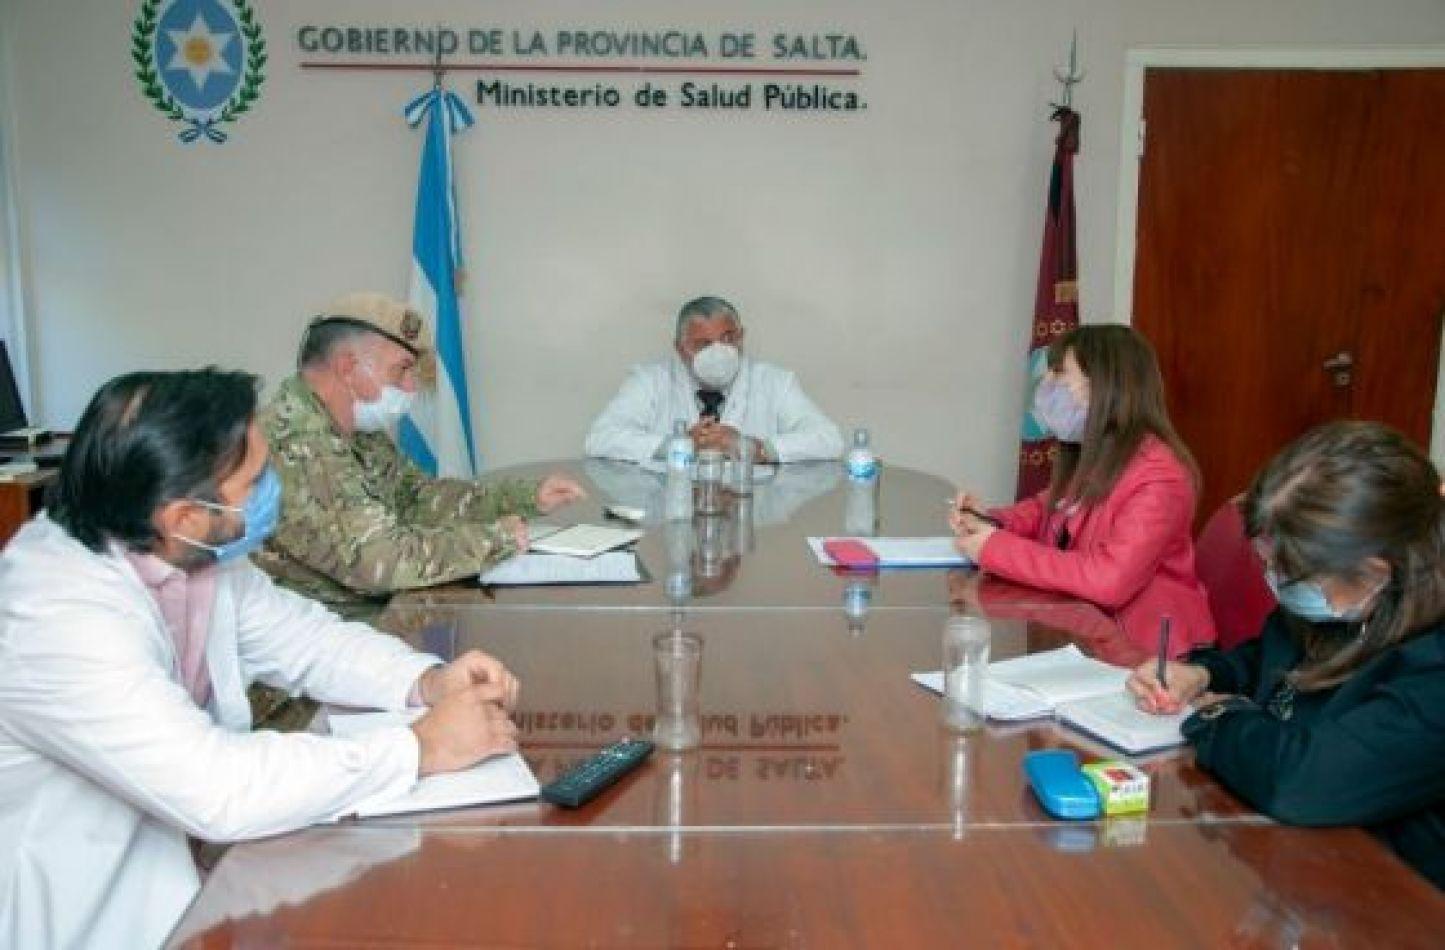 El Ejército se puso a disposición de Salud Pública para apoyar en la campaña de vacunación